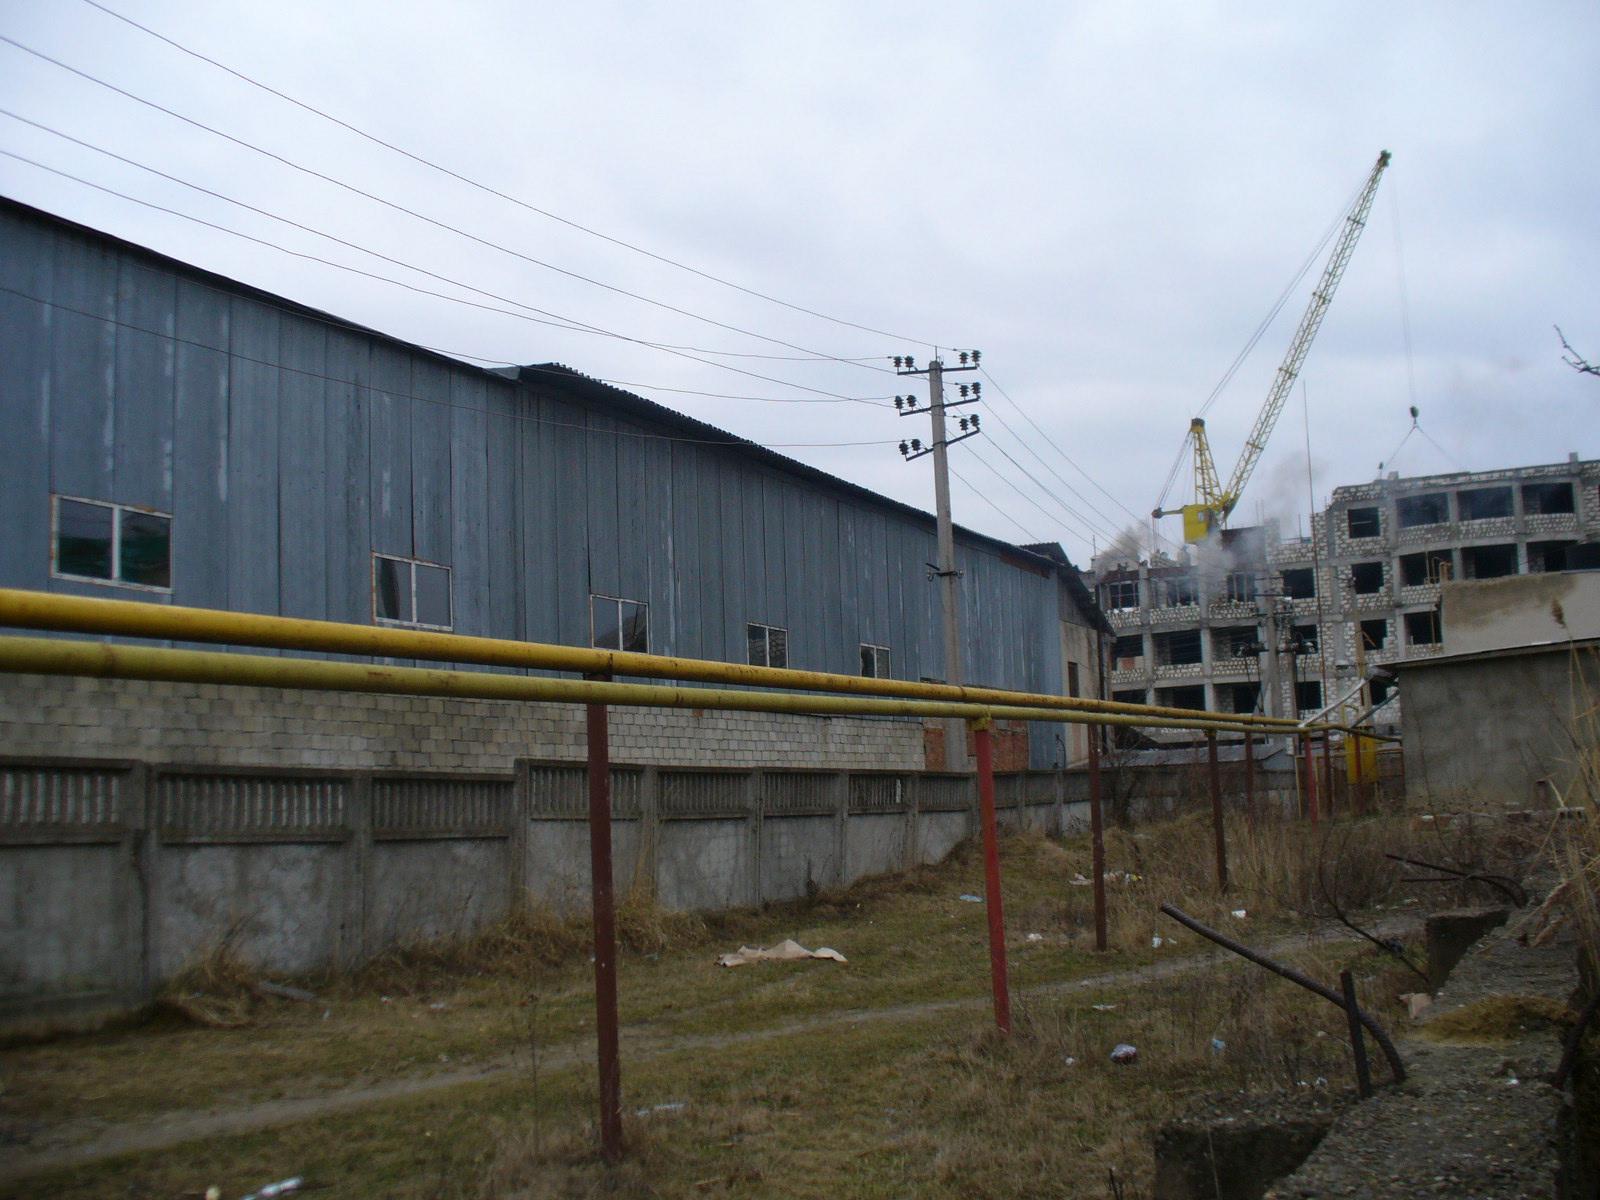 Constructie de producere, mun. Balti, str. Krilov